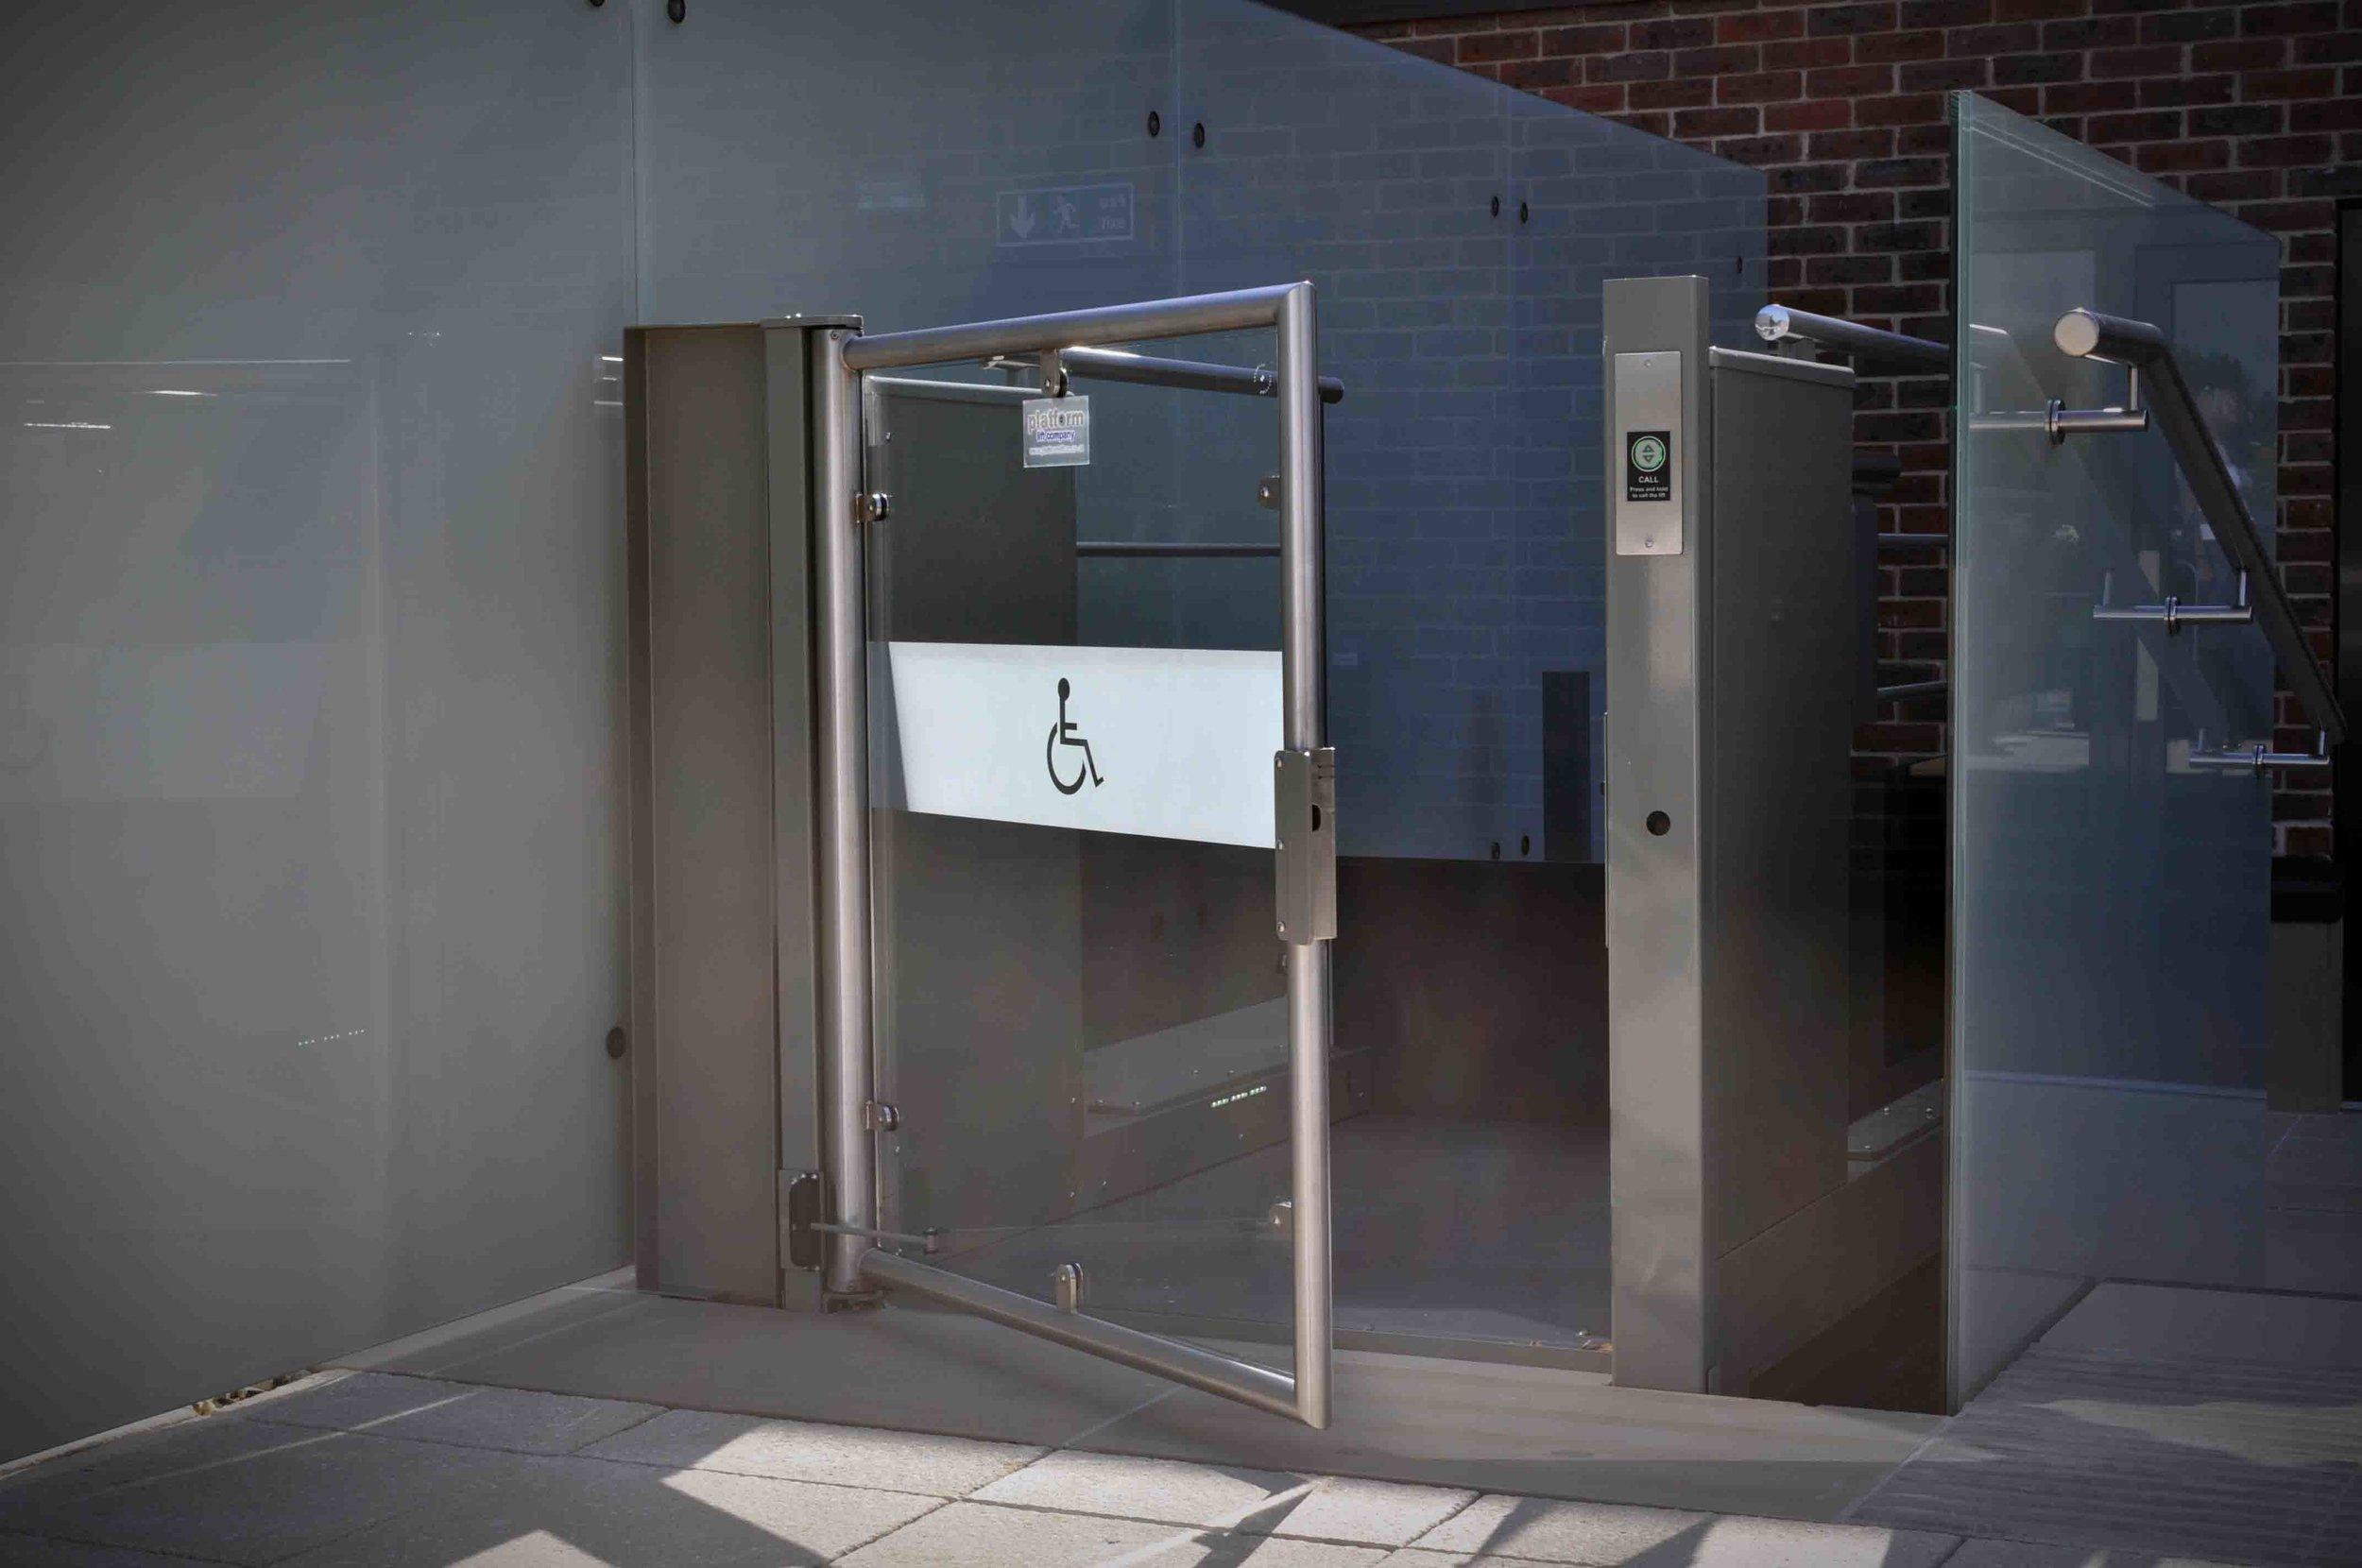 Wessex LR Low Rise Public Access Platform Lift